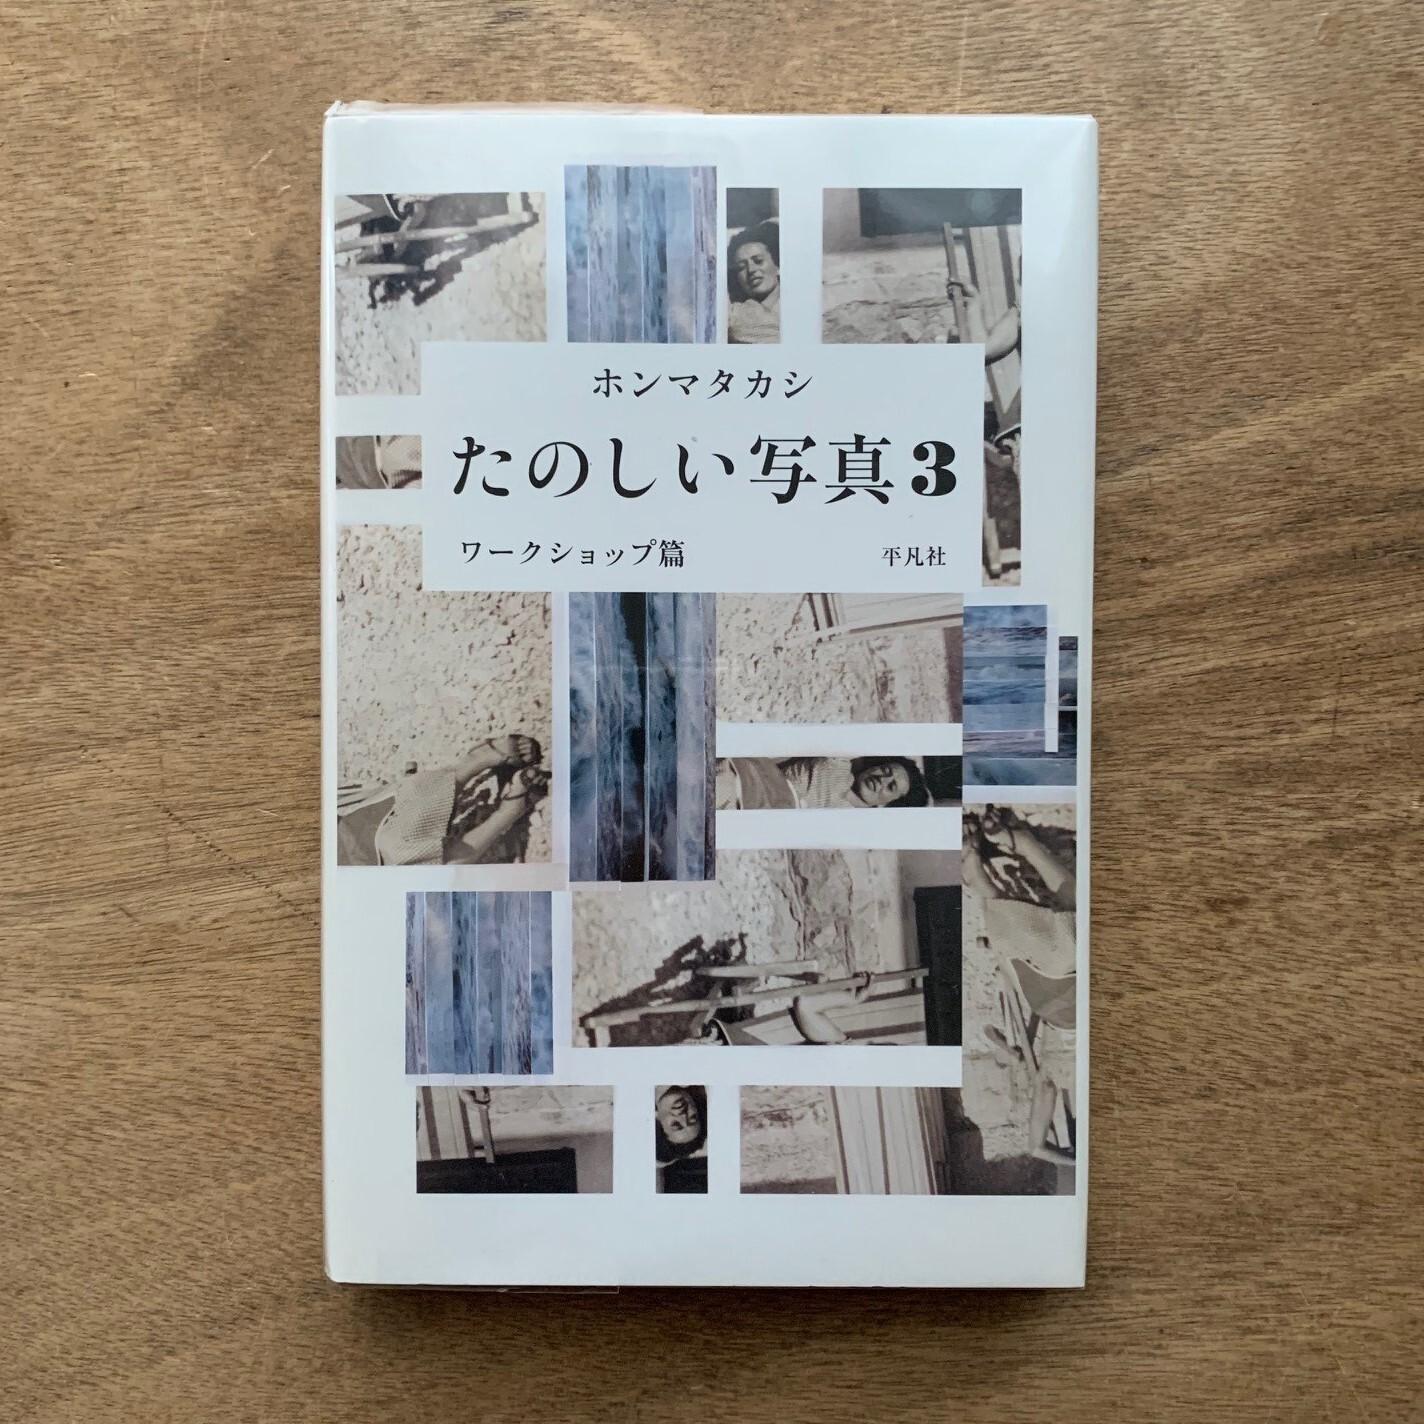 たのしい写真3 ワークショップ篇 / ホンマ タカシ (著)